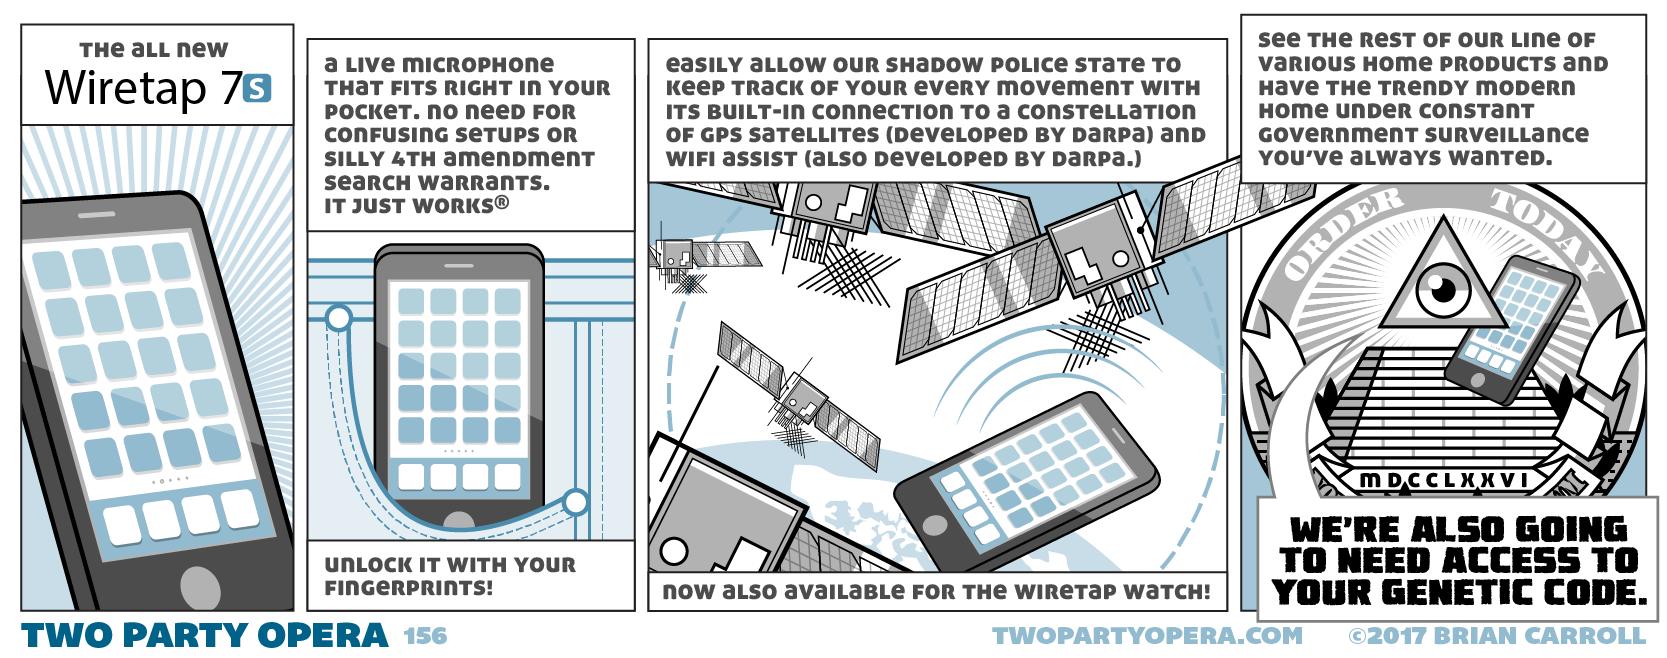 Wiretap 7S